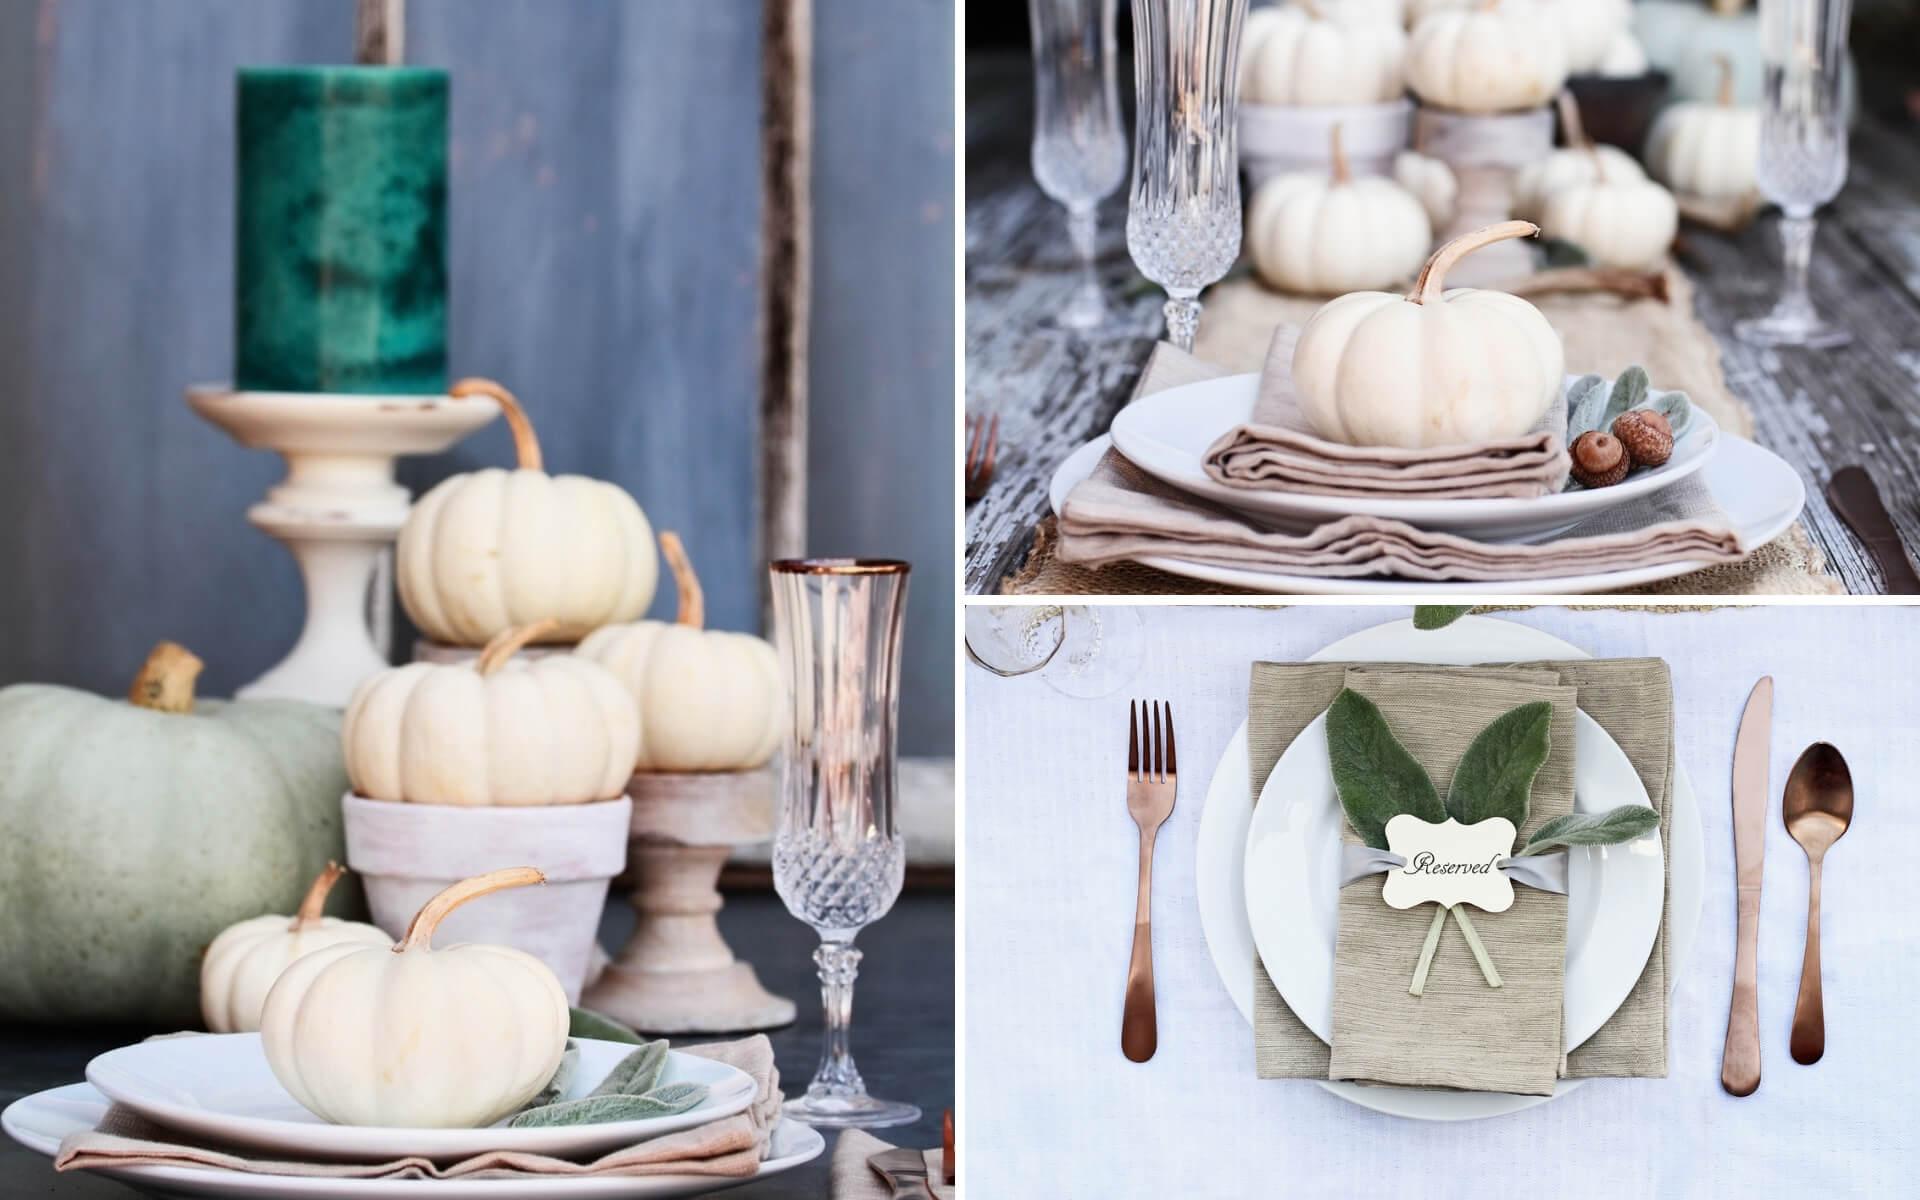 Consigli per arredare e decorare la tavole in stile autunnale con zucche bianche